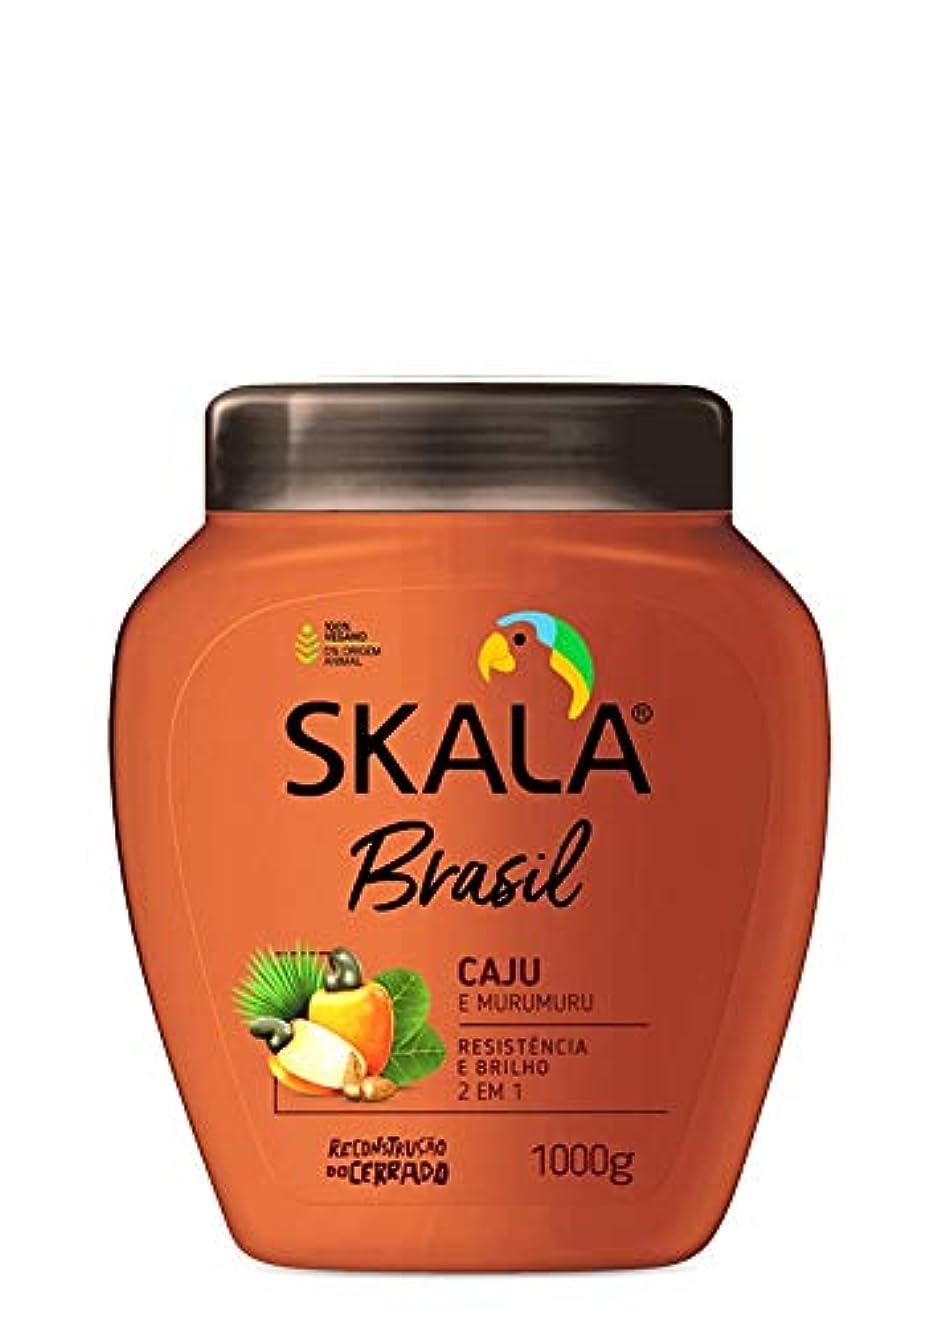 同僚ナット開発Skala Brasil スカラブラジル カジュ&ムルムル オールヘア用 2イン1 トリートメントクリーム 1kg